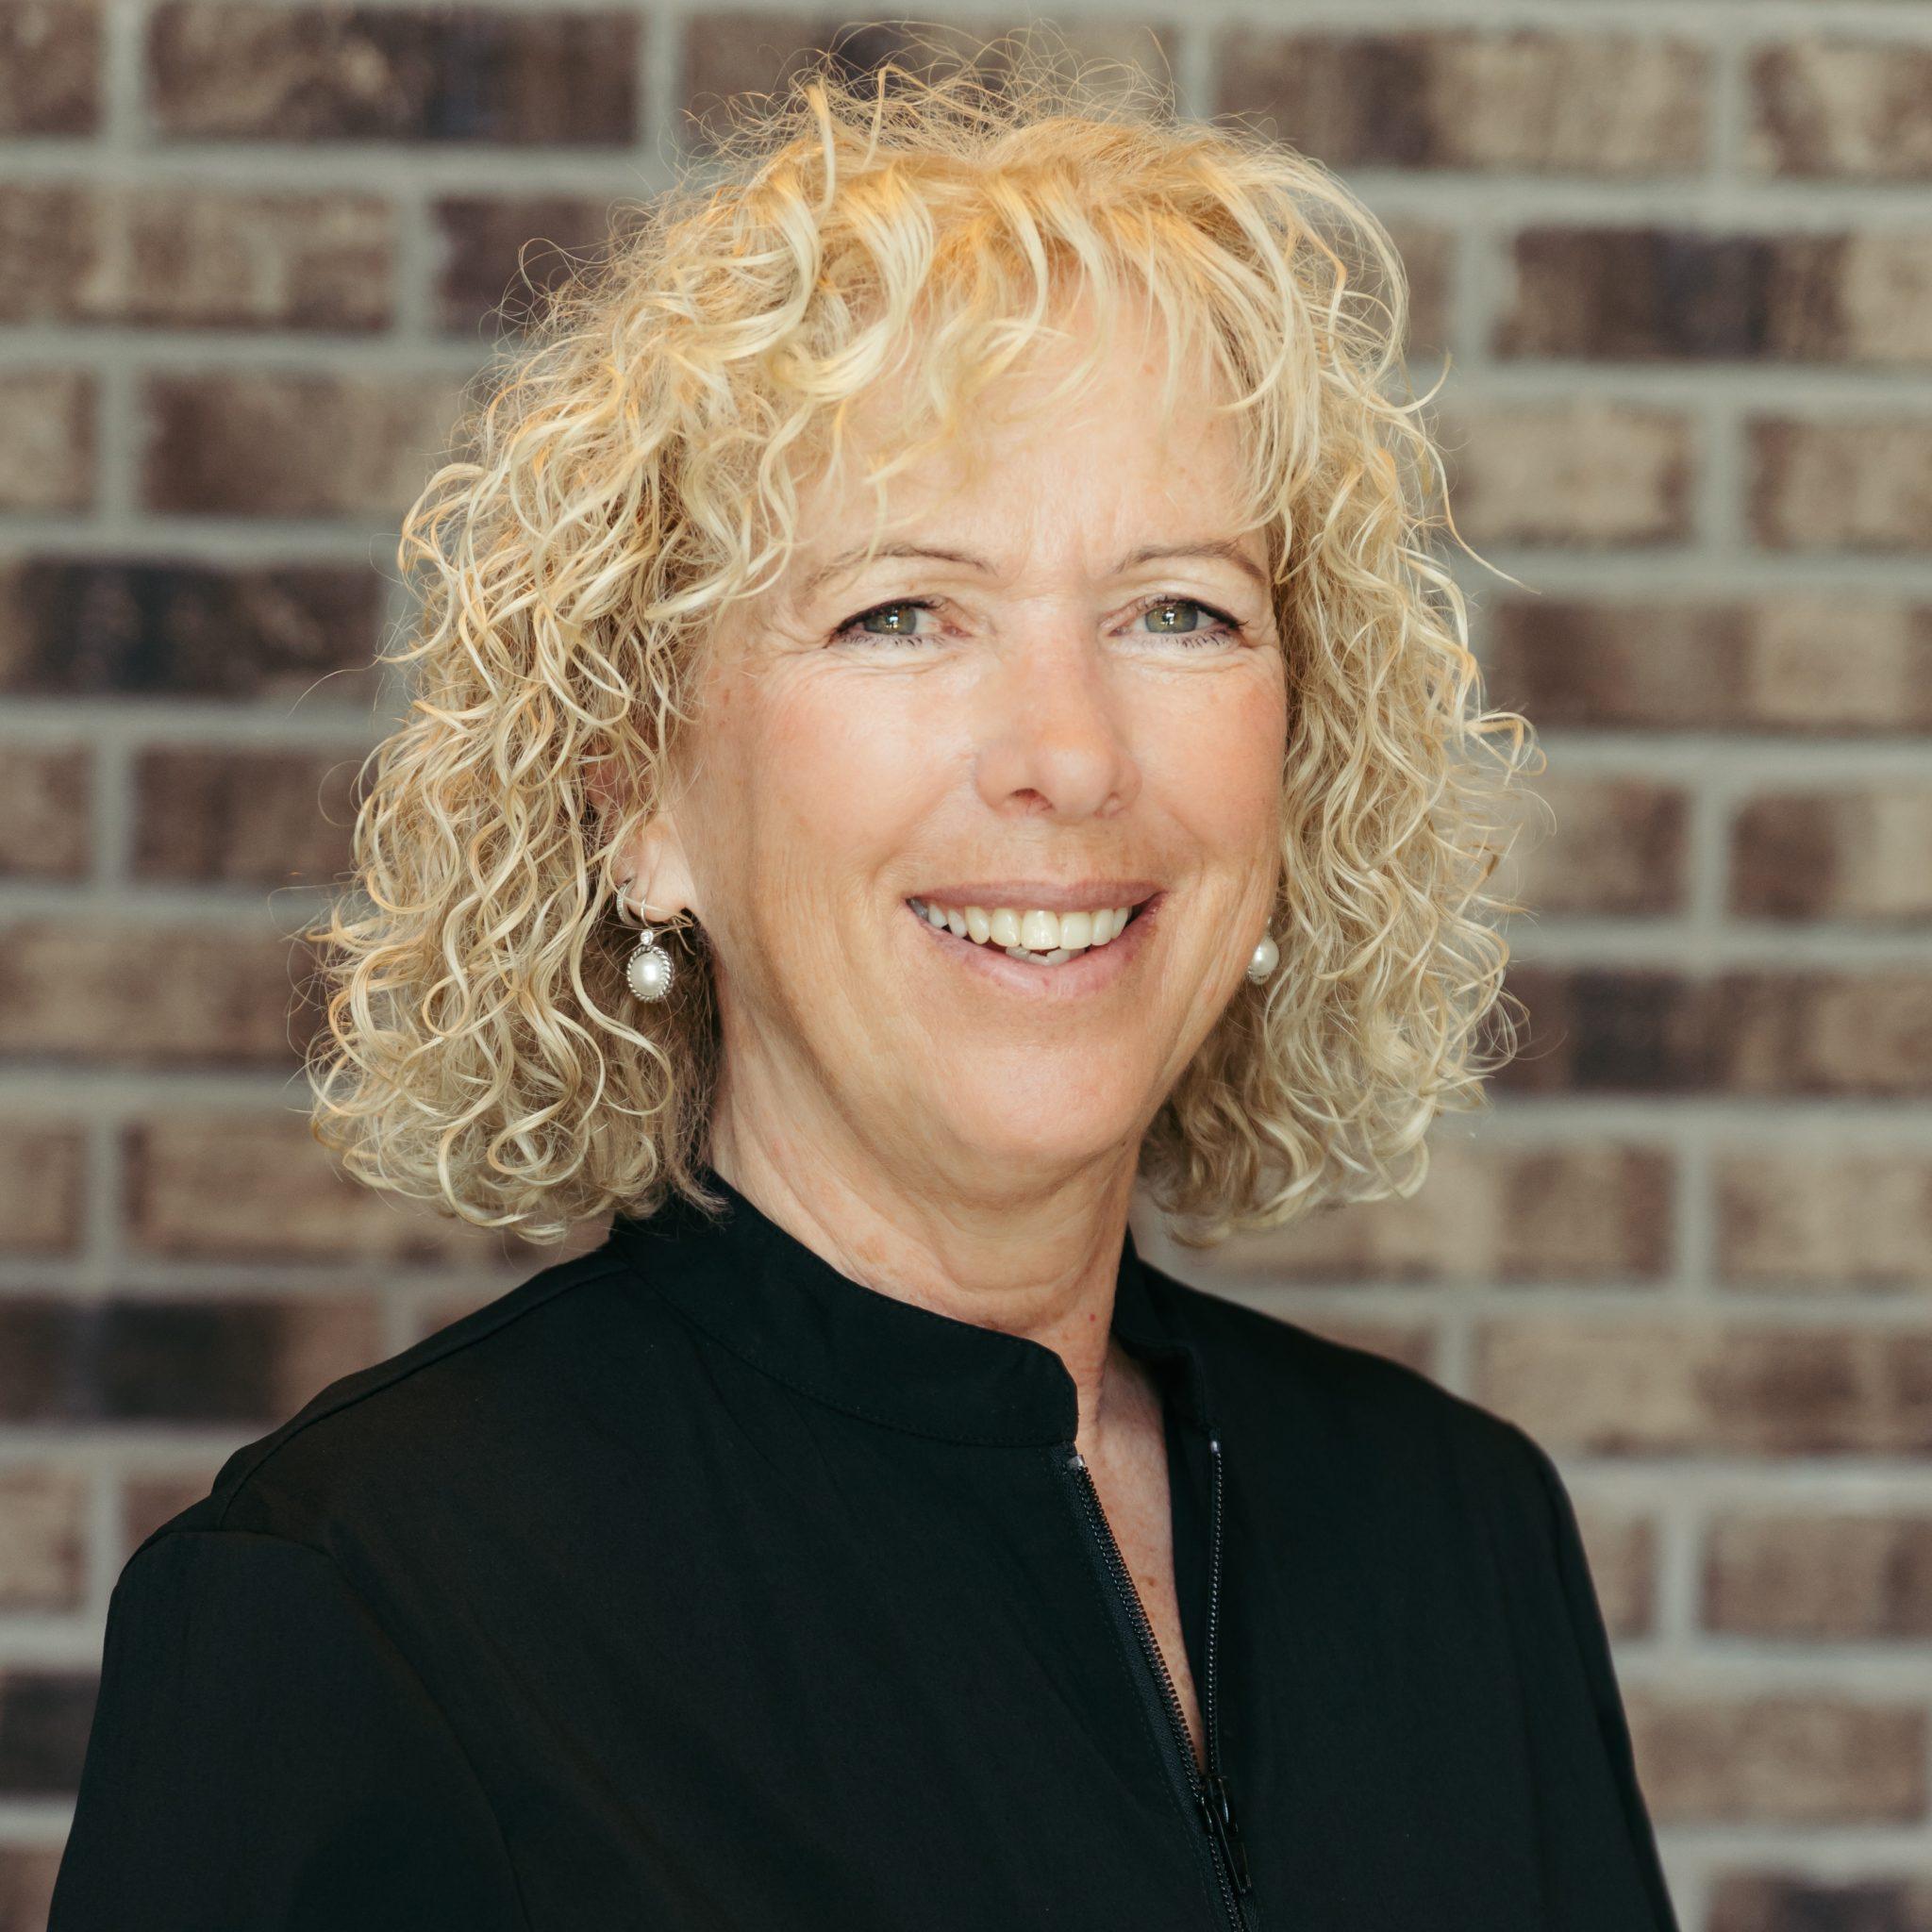 Dentist in West Kelowna | New Look Dental Team Vicki